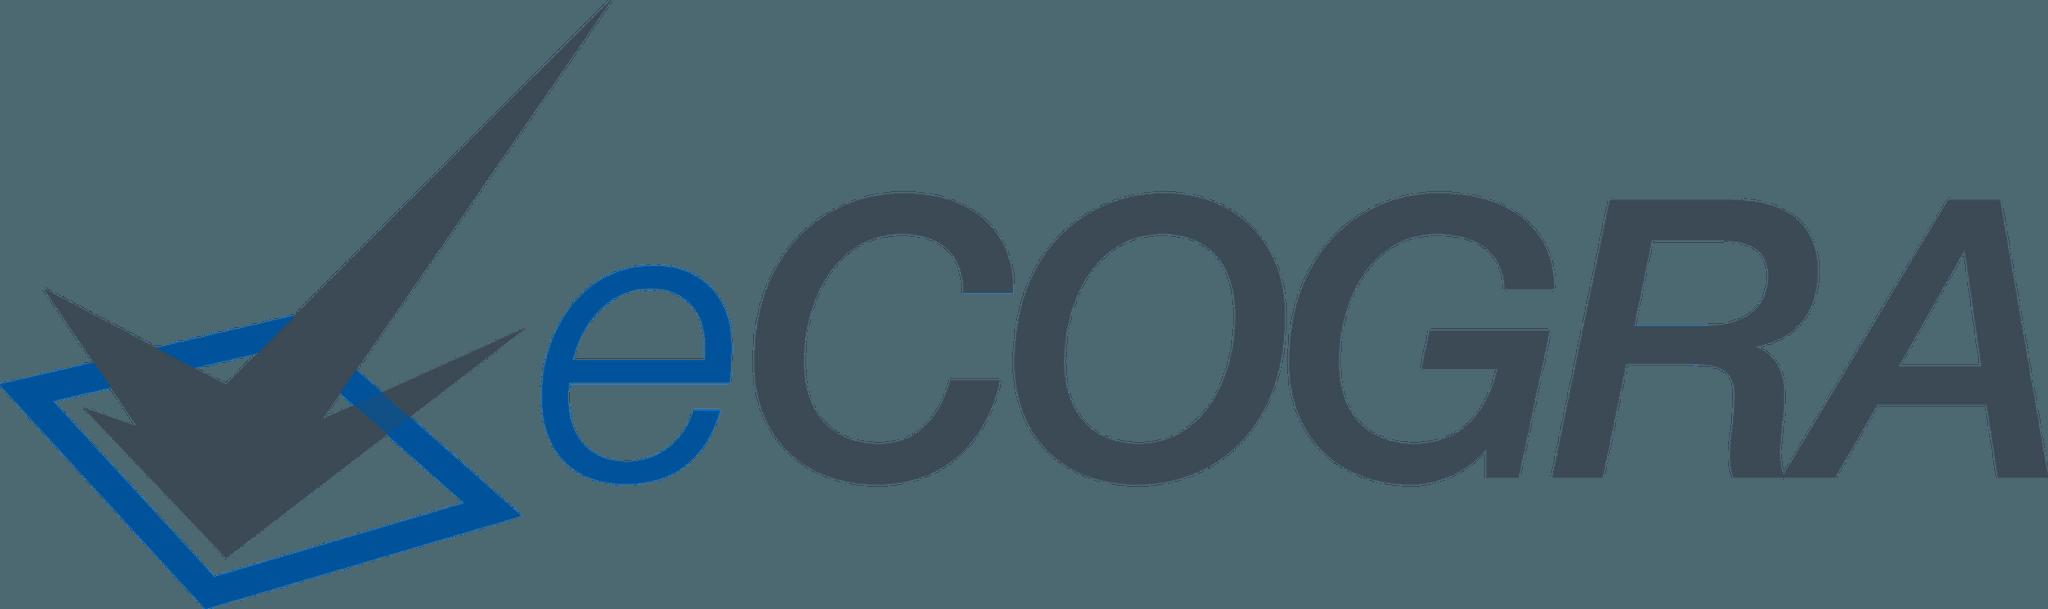 「eCOGRA」の画像検索結果